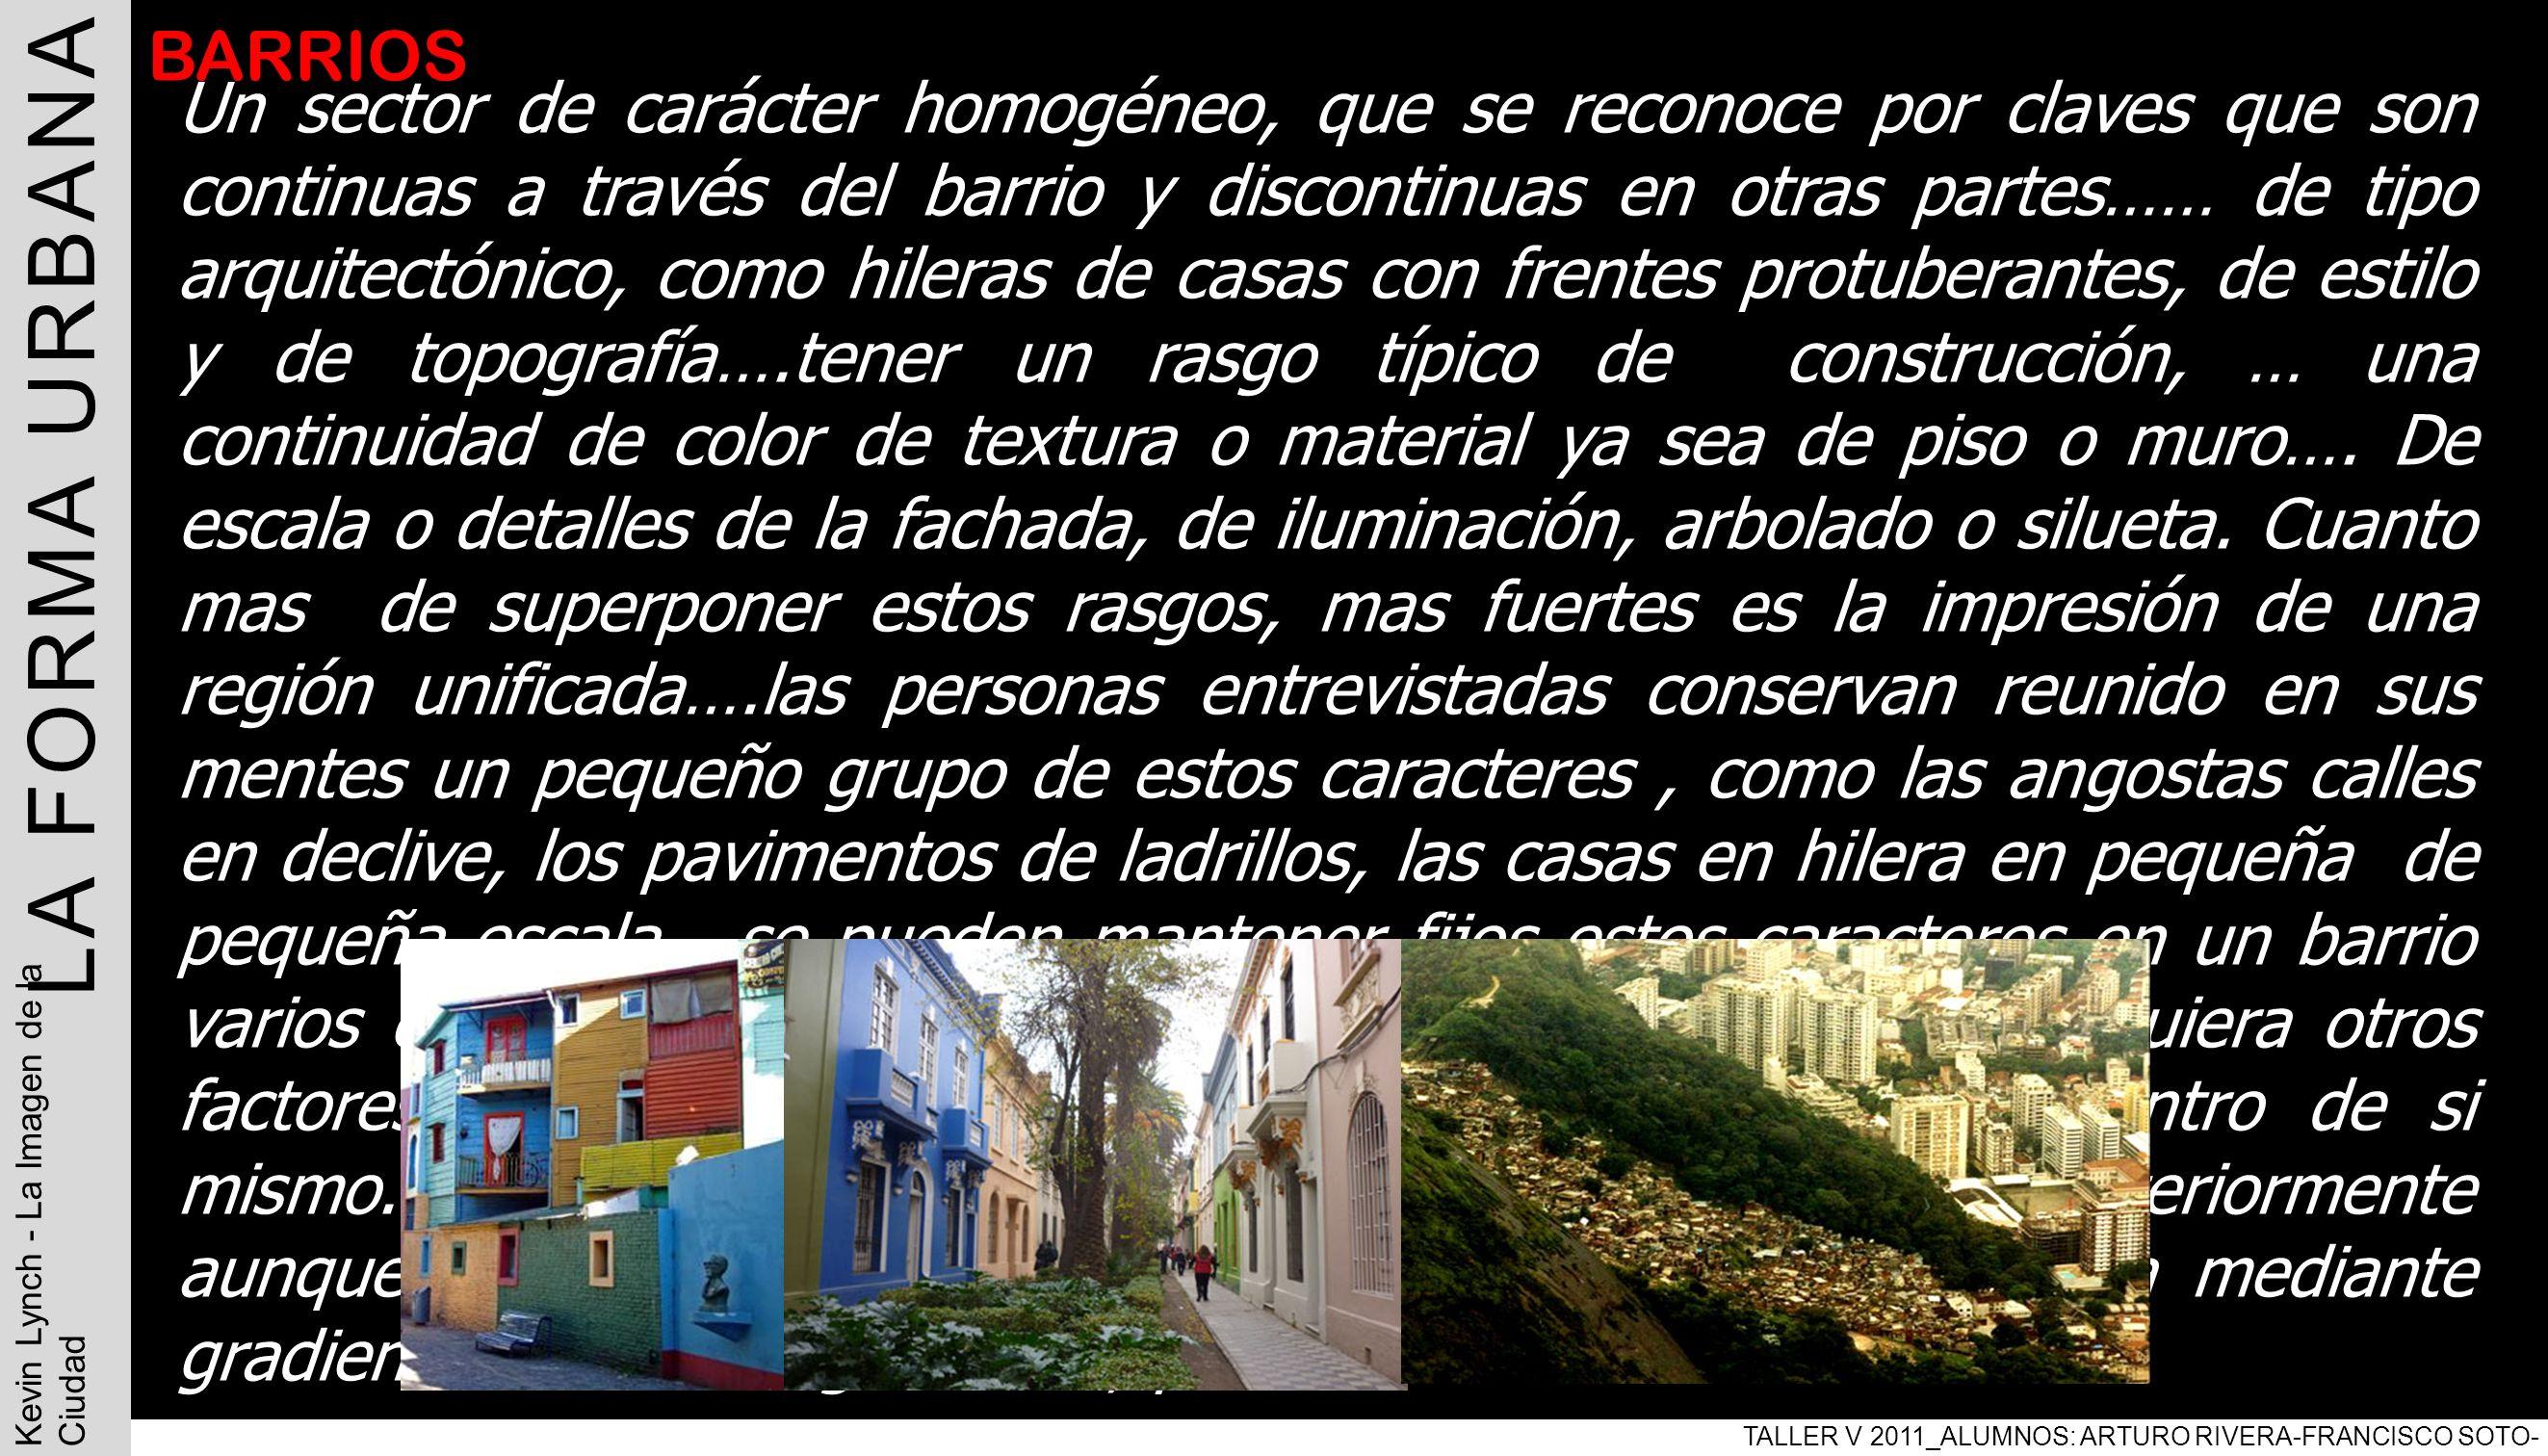 LA FORMA URBANA TALLER V 2011_ALUMNOS: ARTURO RIVERA-FRANCISCO SOTO- PABLO ARAVENA Kevin Lynch - La Imagen de la Ciudad BARRIOS Un sector de carácter